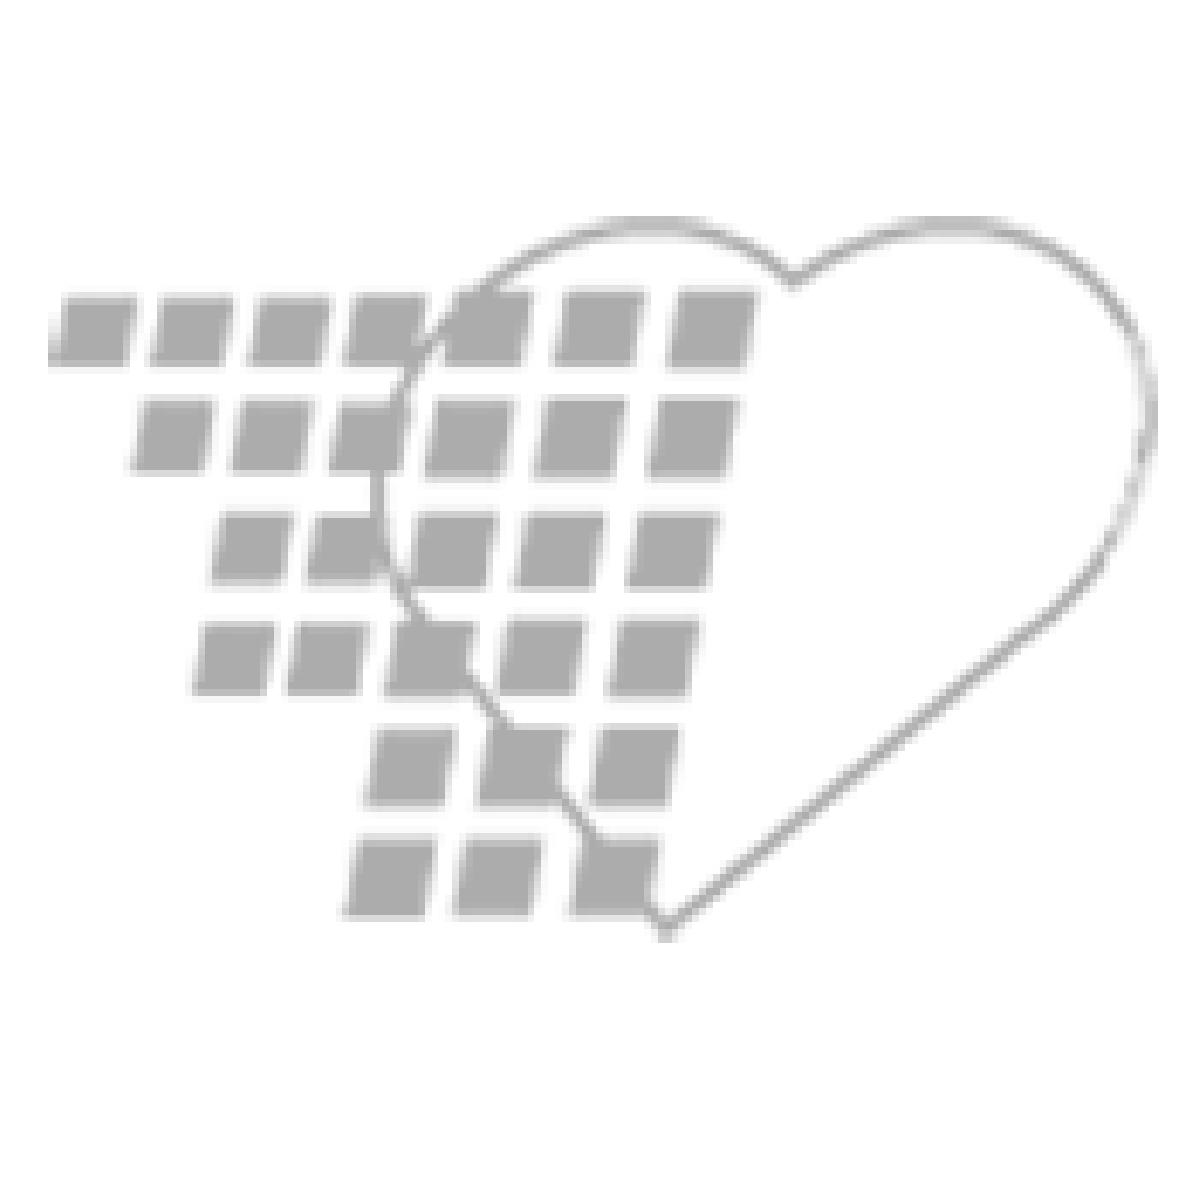 11-81-1010 Laerdal Extri Kelly Rescue/Trauma Manikin